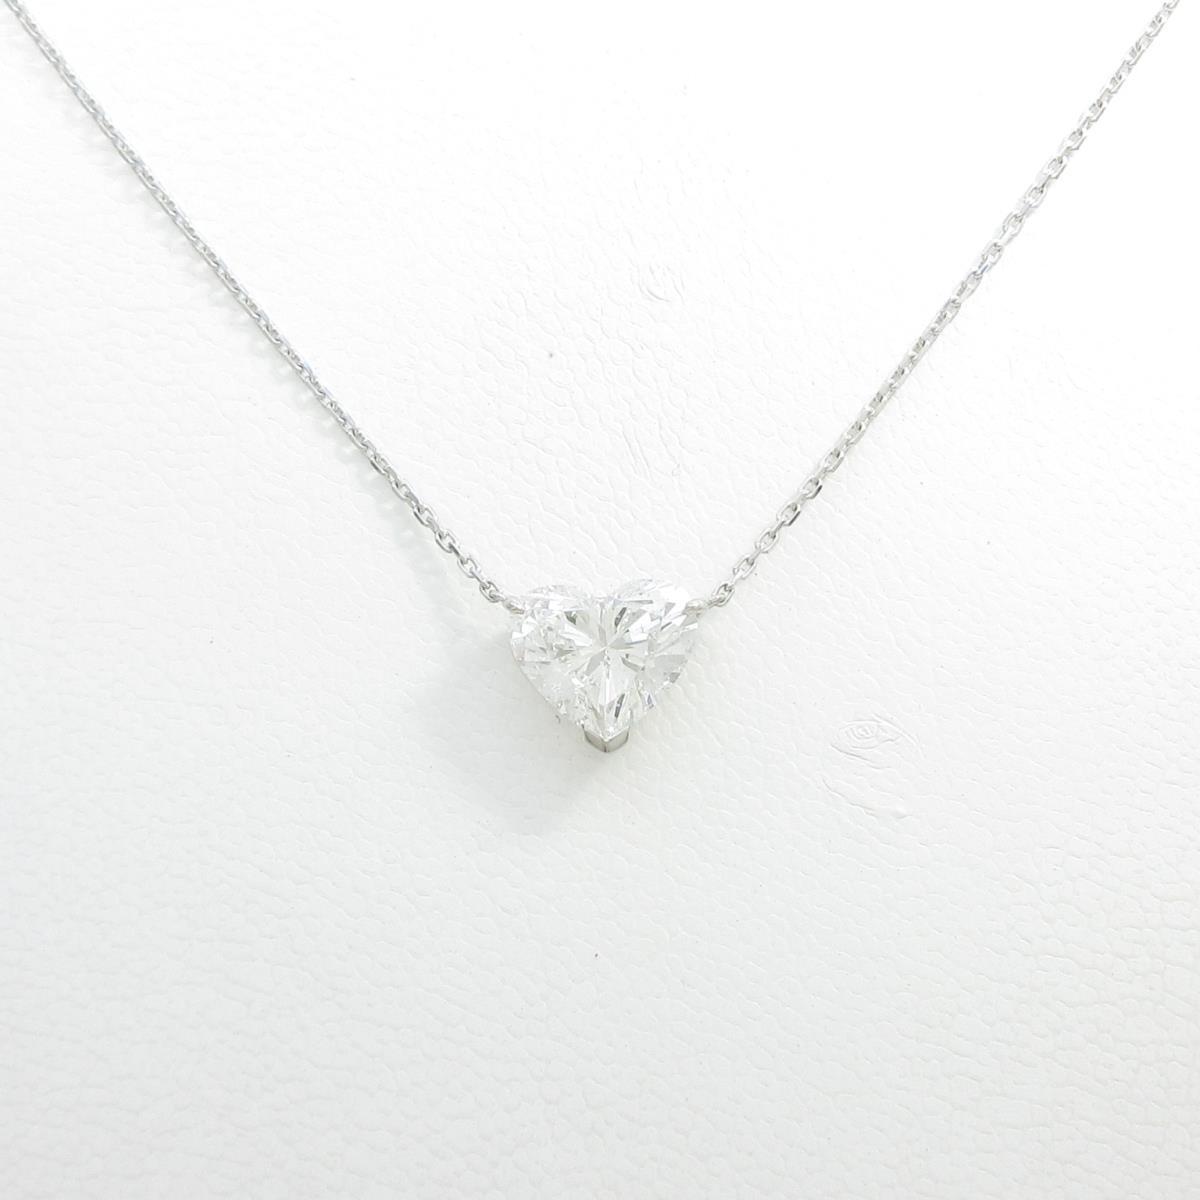 プラチナダイヤモンドネックレス 2.007ct・G・SI2・ハートシェイプ【中古】